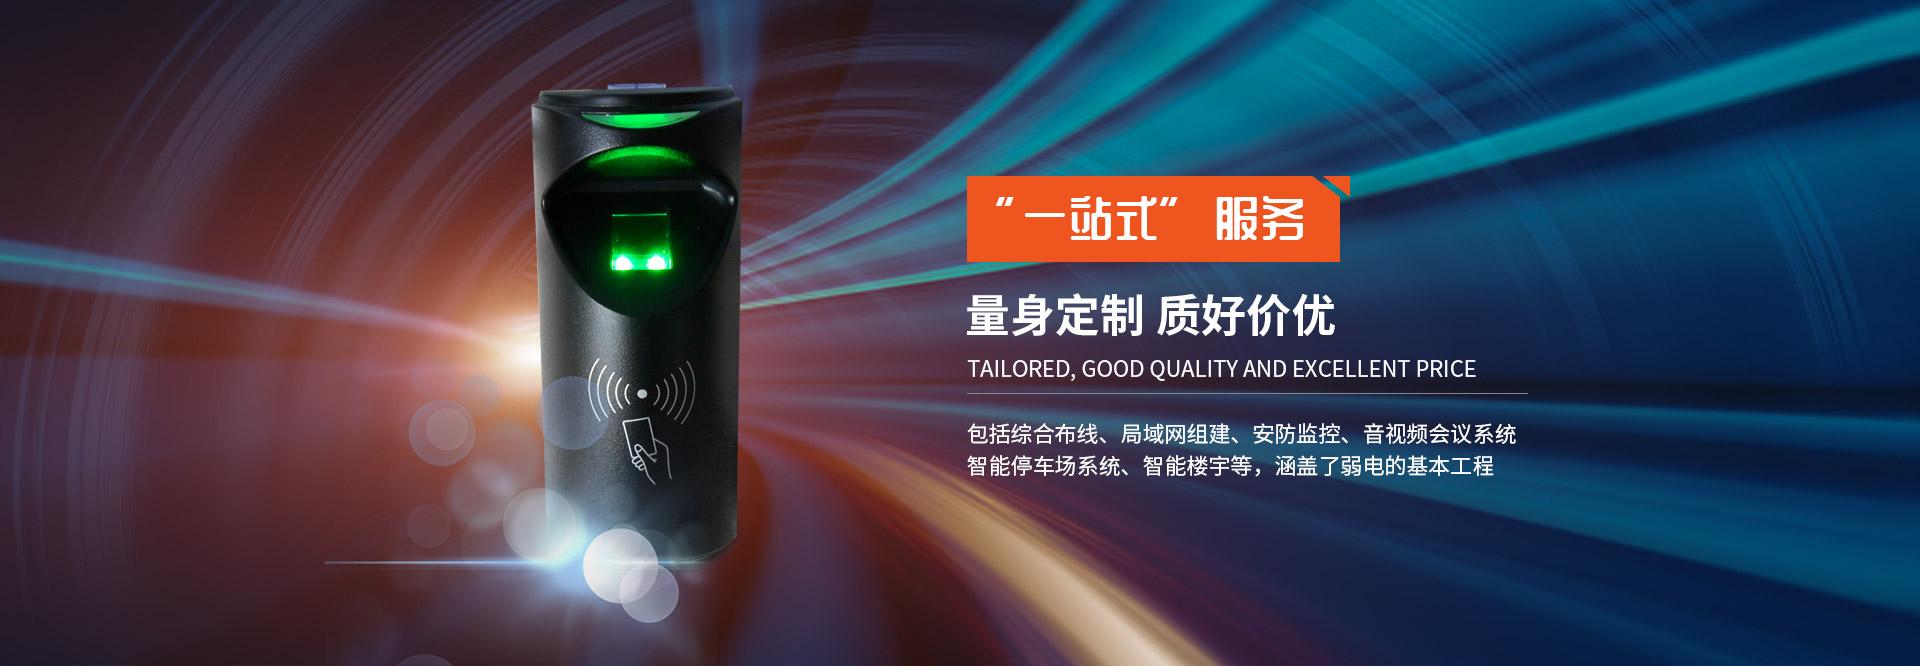 上海万博体育max手机登录版电子科技有限公司